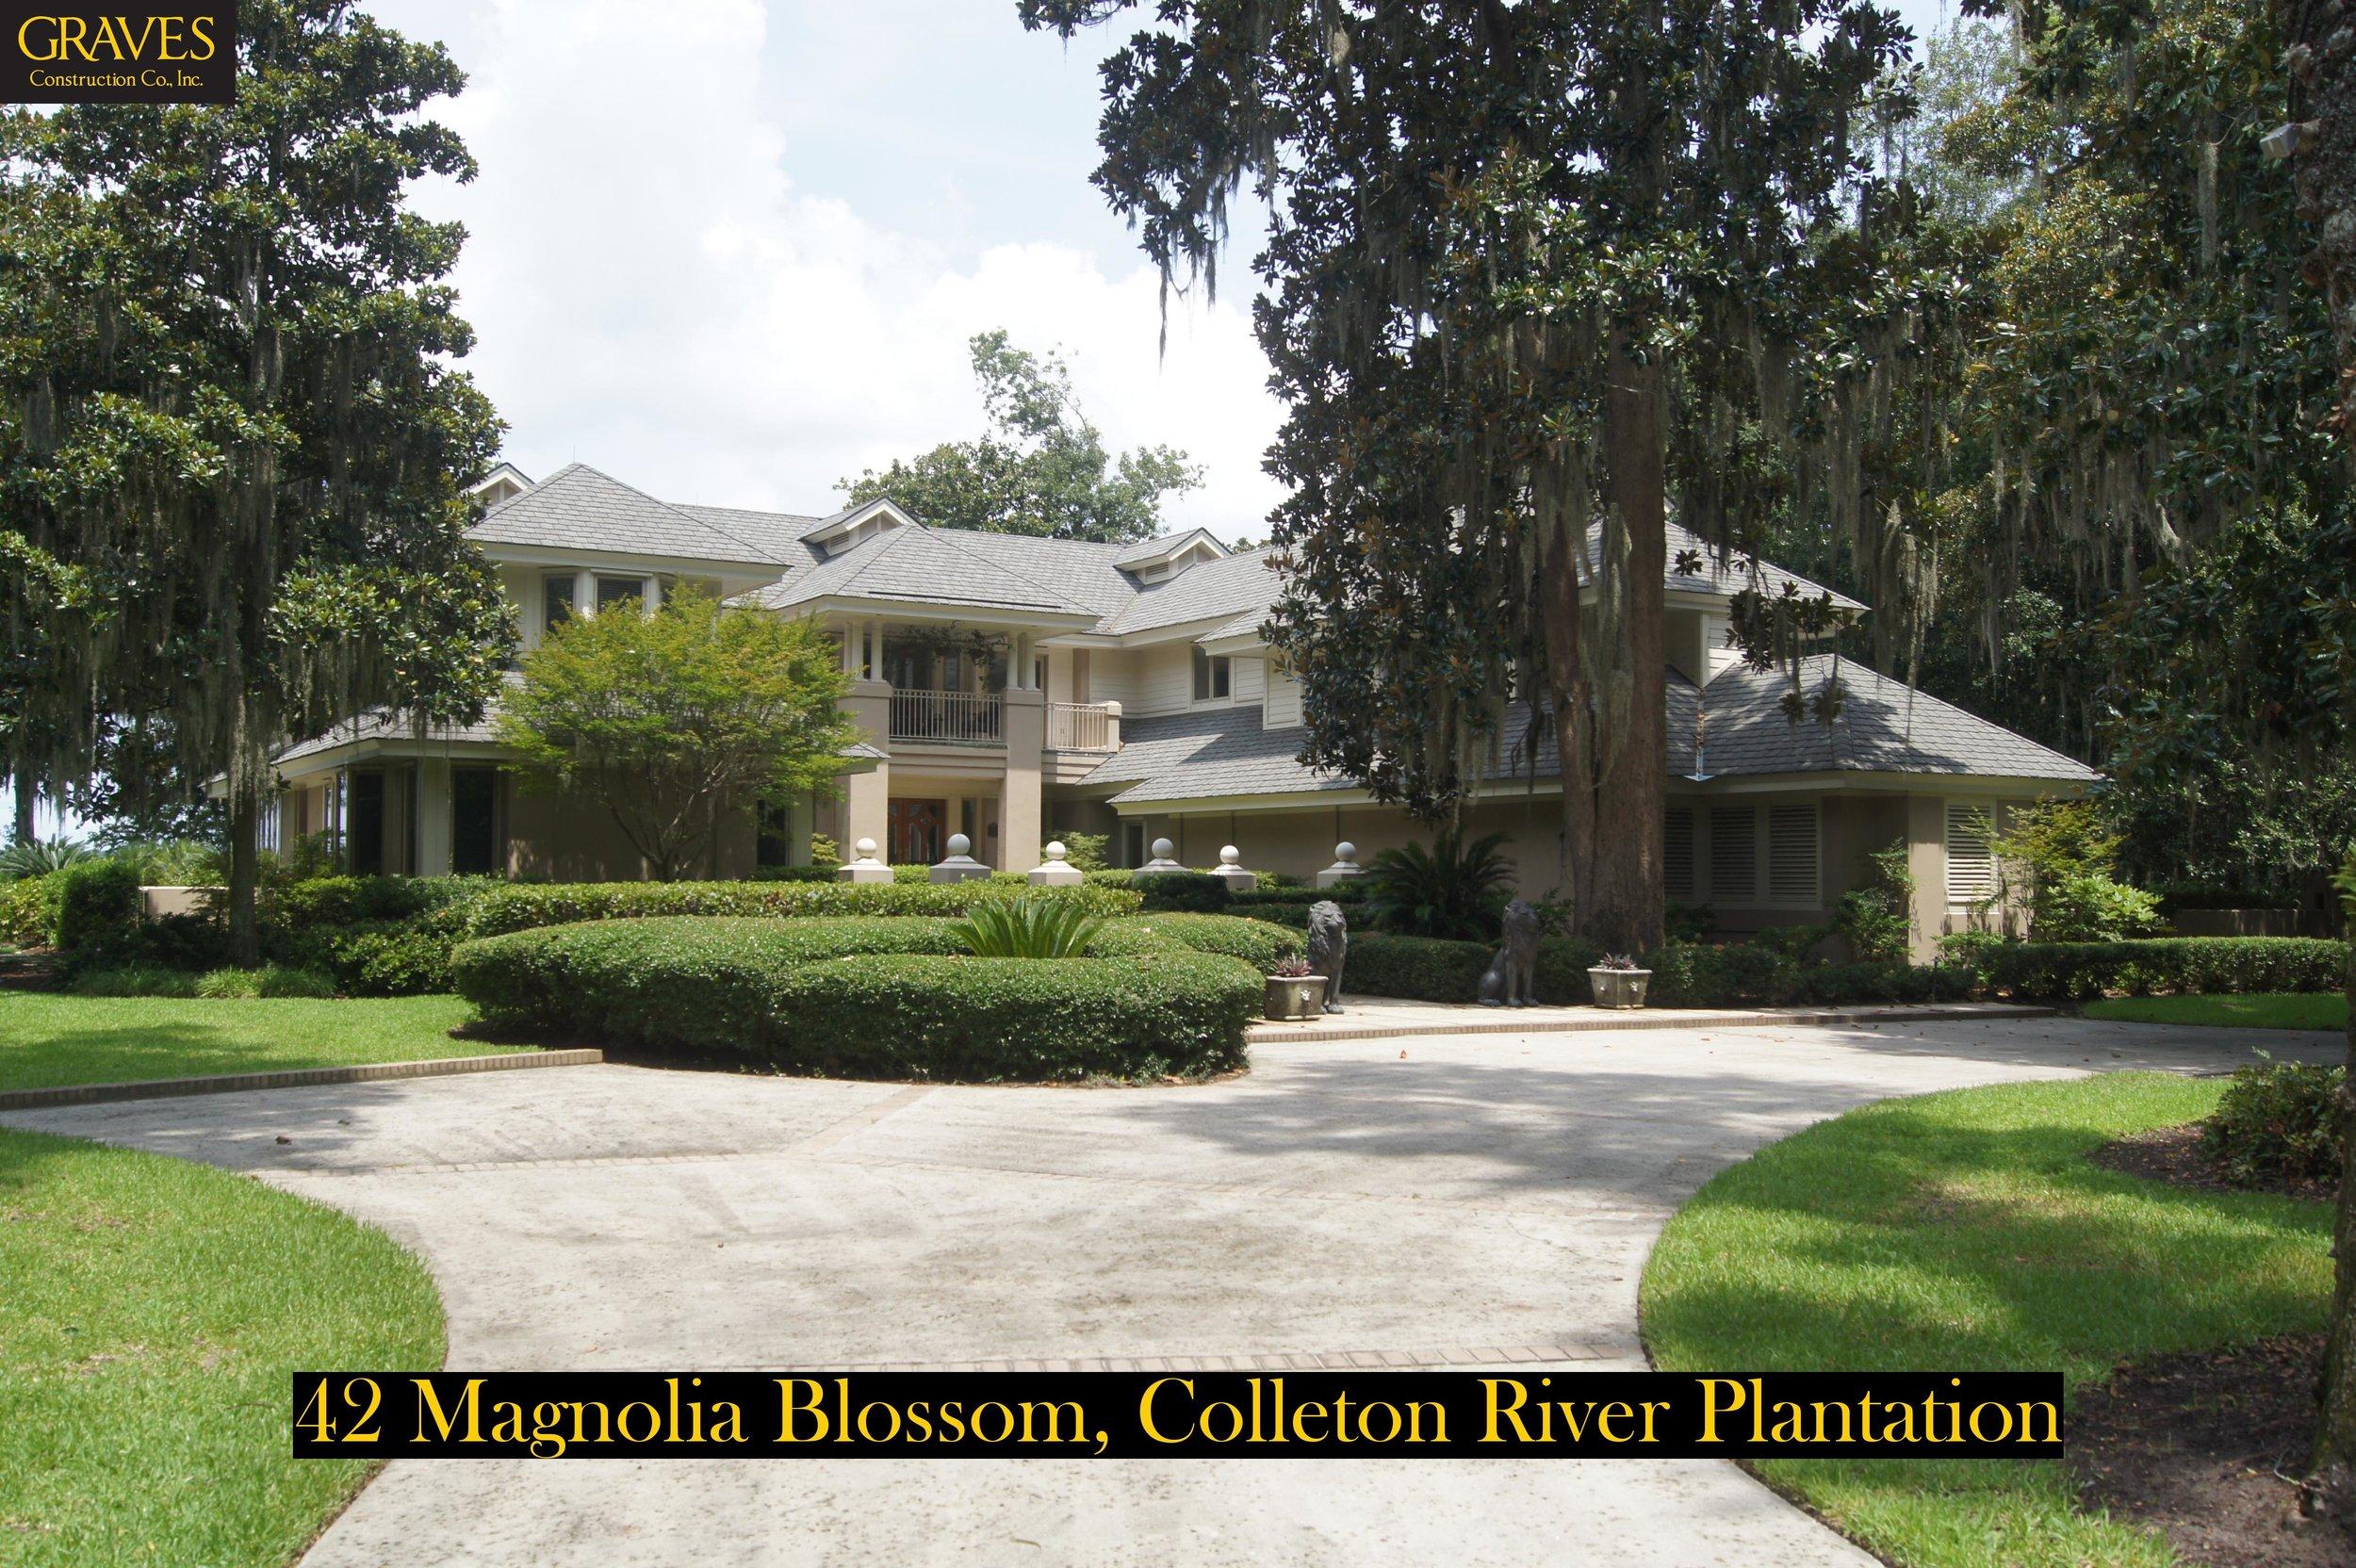 42 Magnolia Blossom - 1